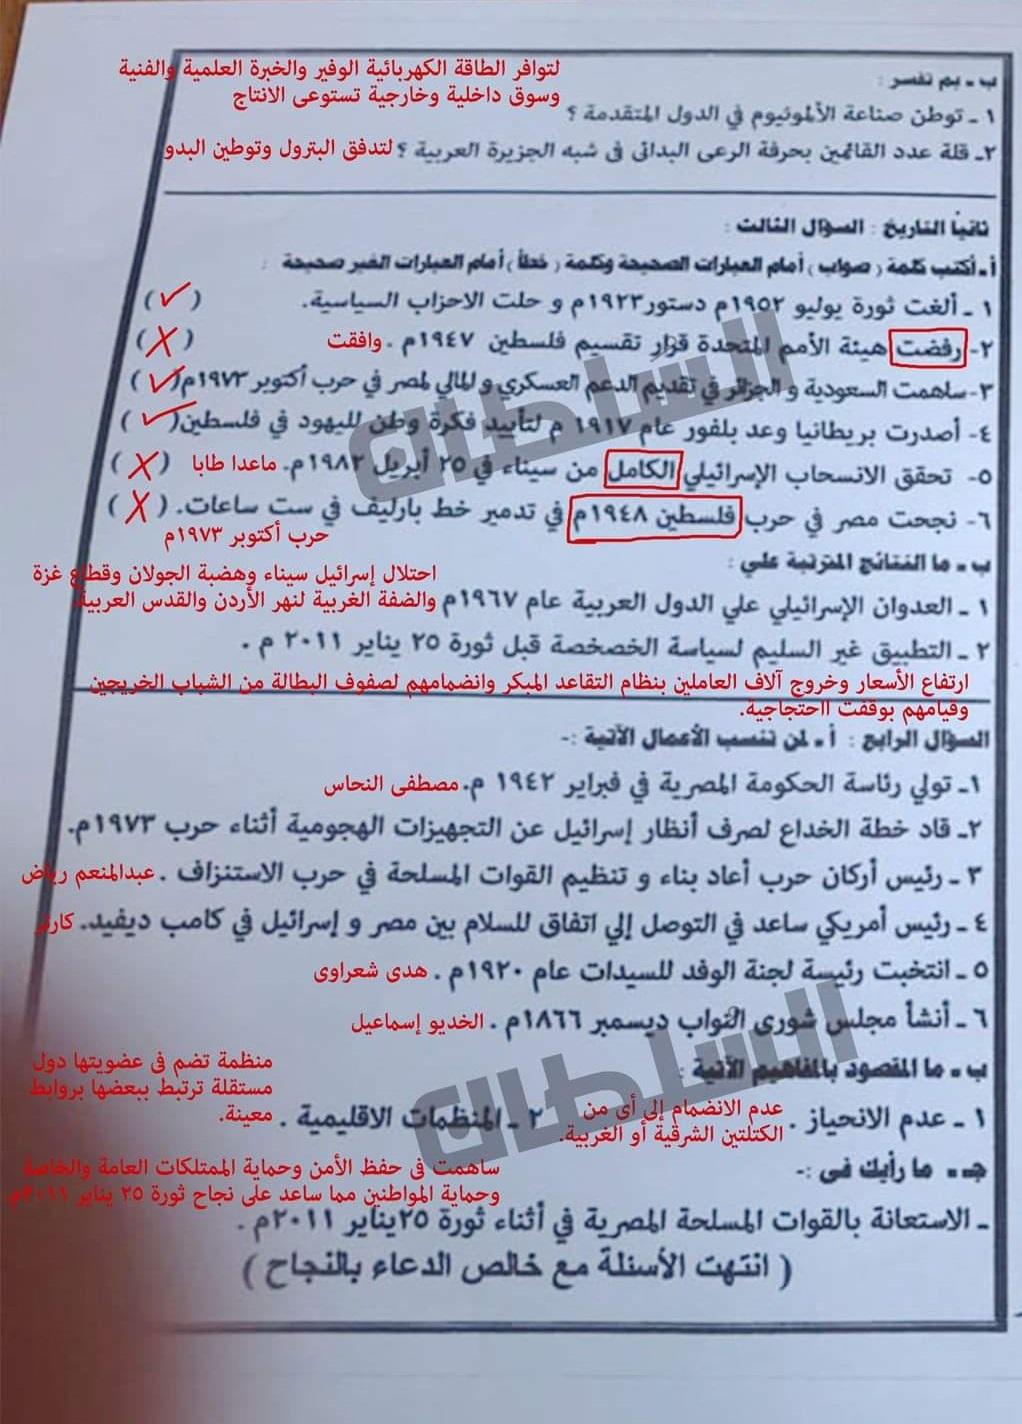 إجابة امتحان الدراسات للشهادة الإعدادية ترم ثاني ٢٠٢١ محافظة القاهرة 13618